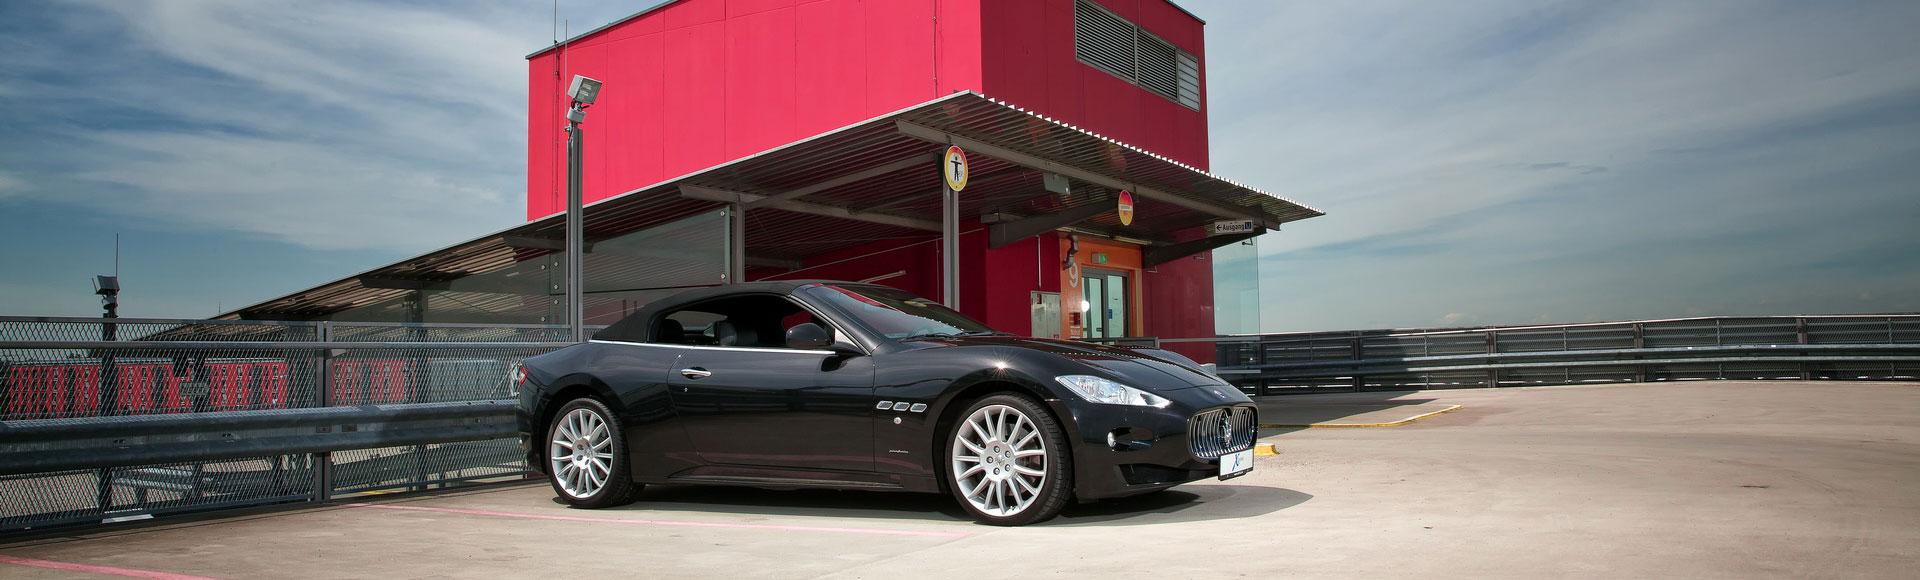 Maserati GranCabrio 2012 1064